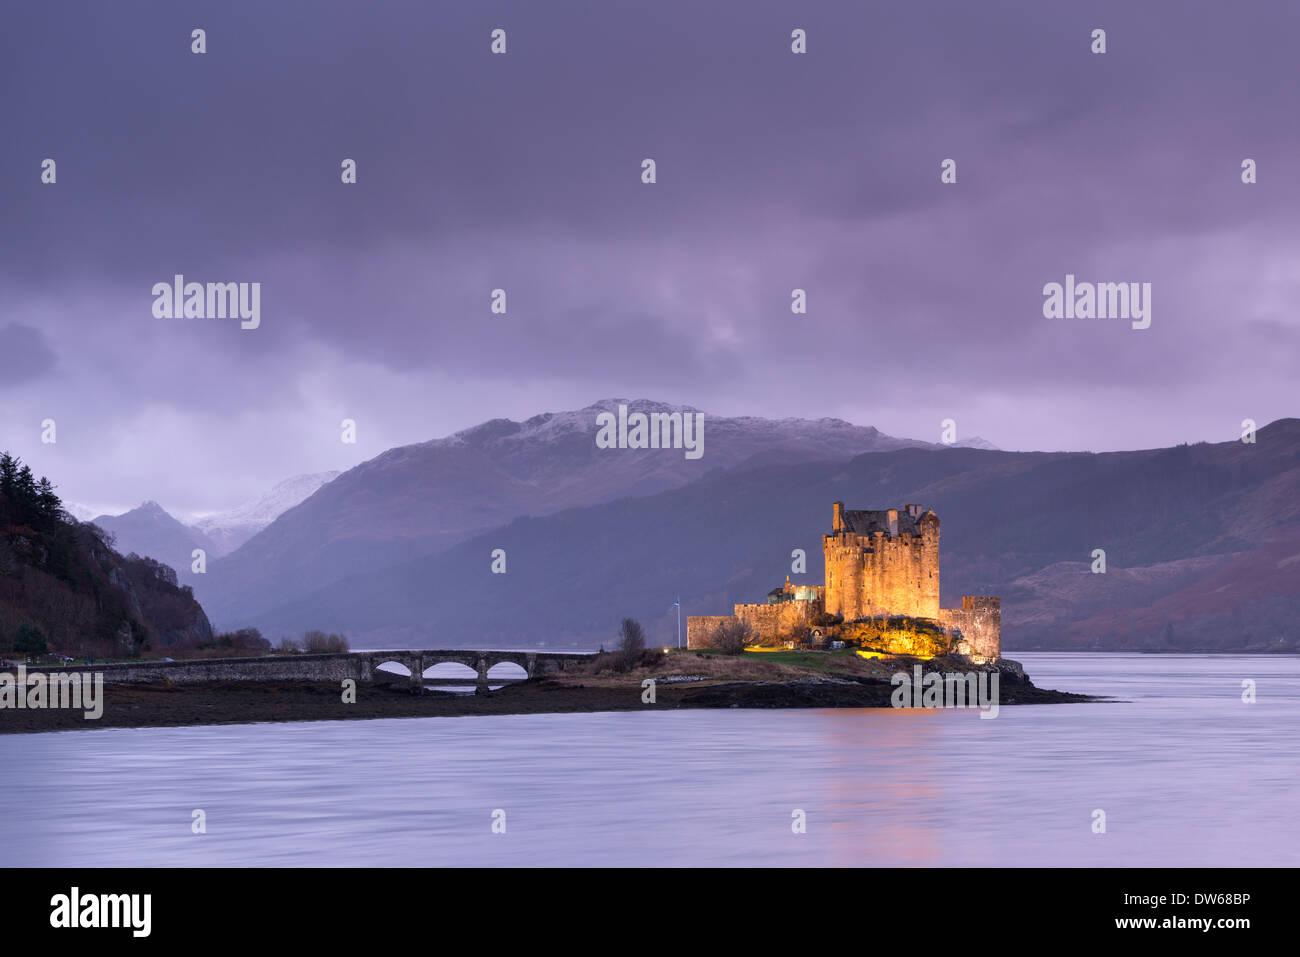 Le crépuscule sur le château d'Eilean Donan sur Loch Duich, Dornie, en Écosse. Hiver (décembre) 2013. Photo Stock